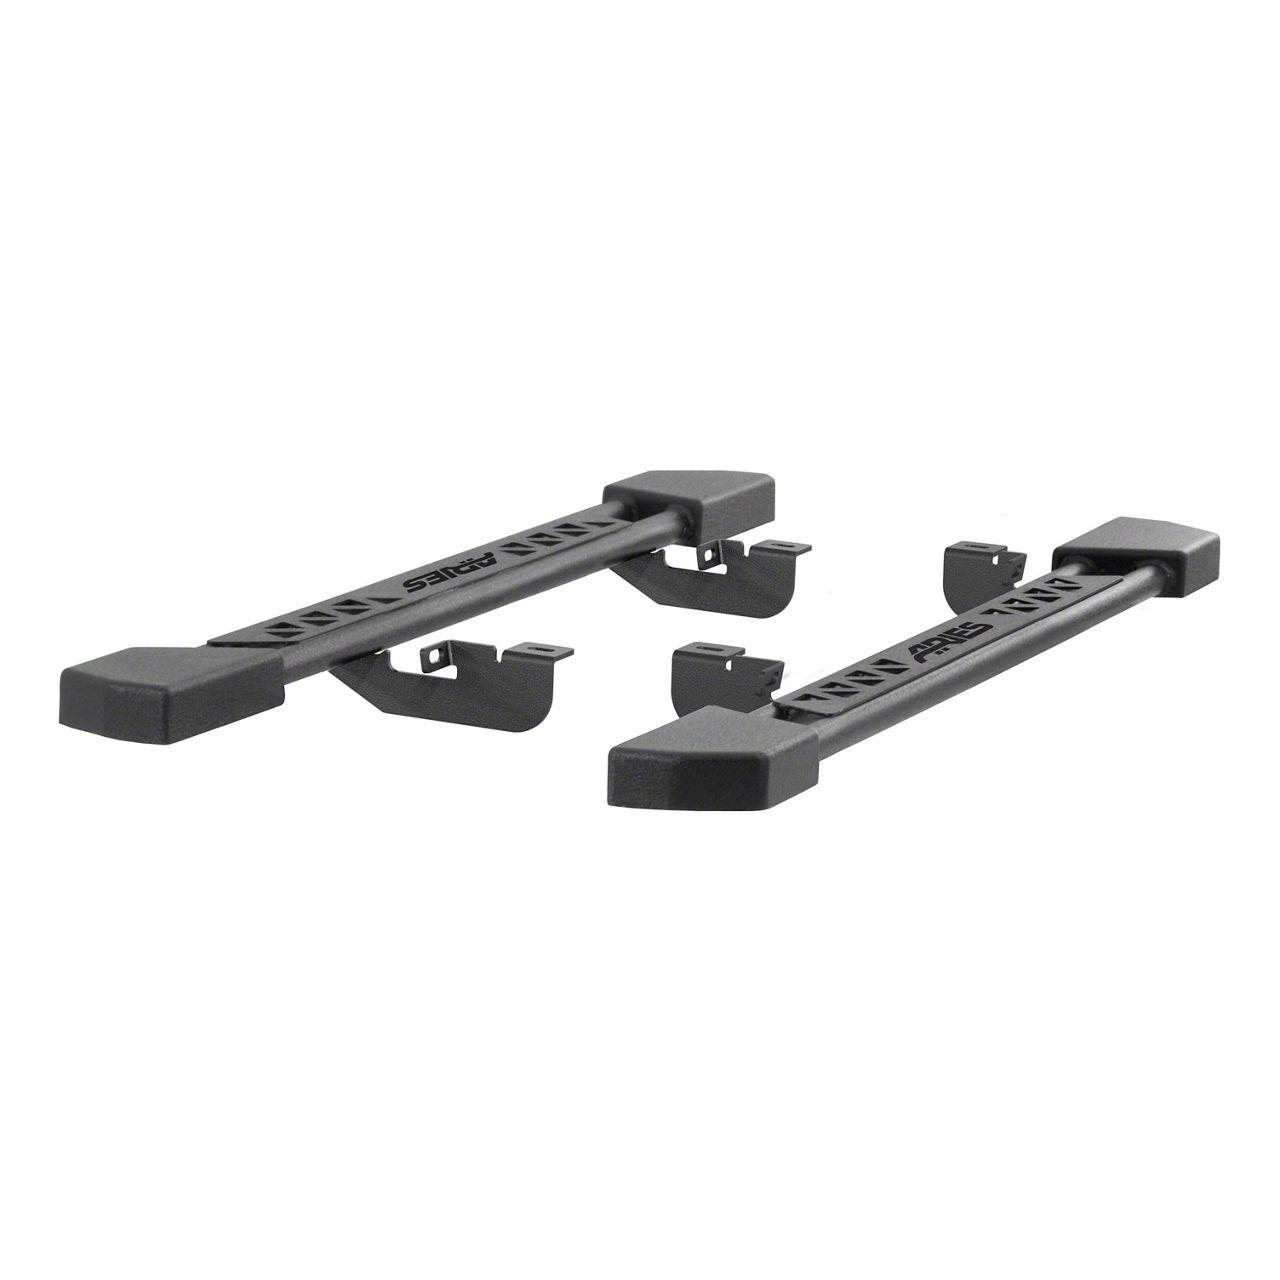 Aries Automotive Rocker Side Step Bars - Textured Black (07-18 Jeep Wrangler JK 2 Door)